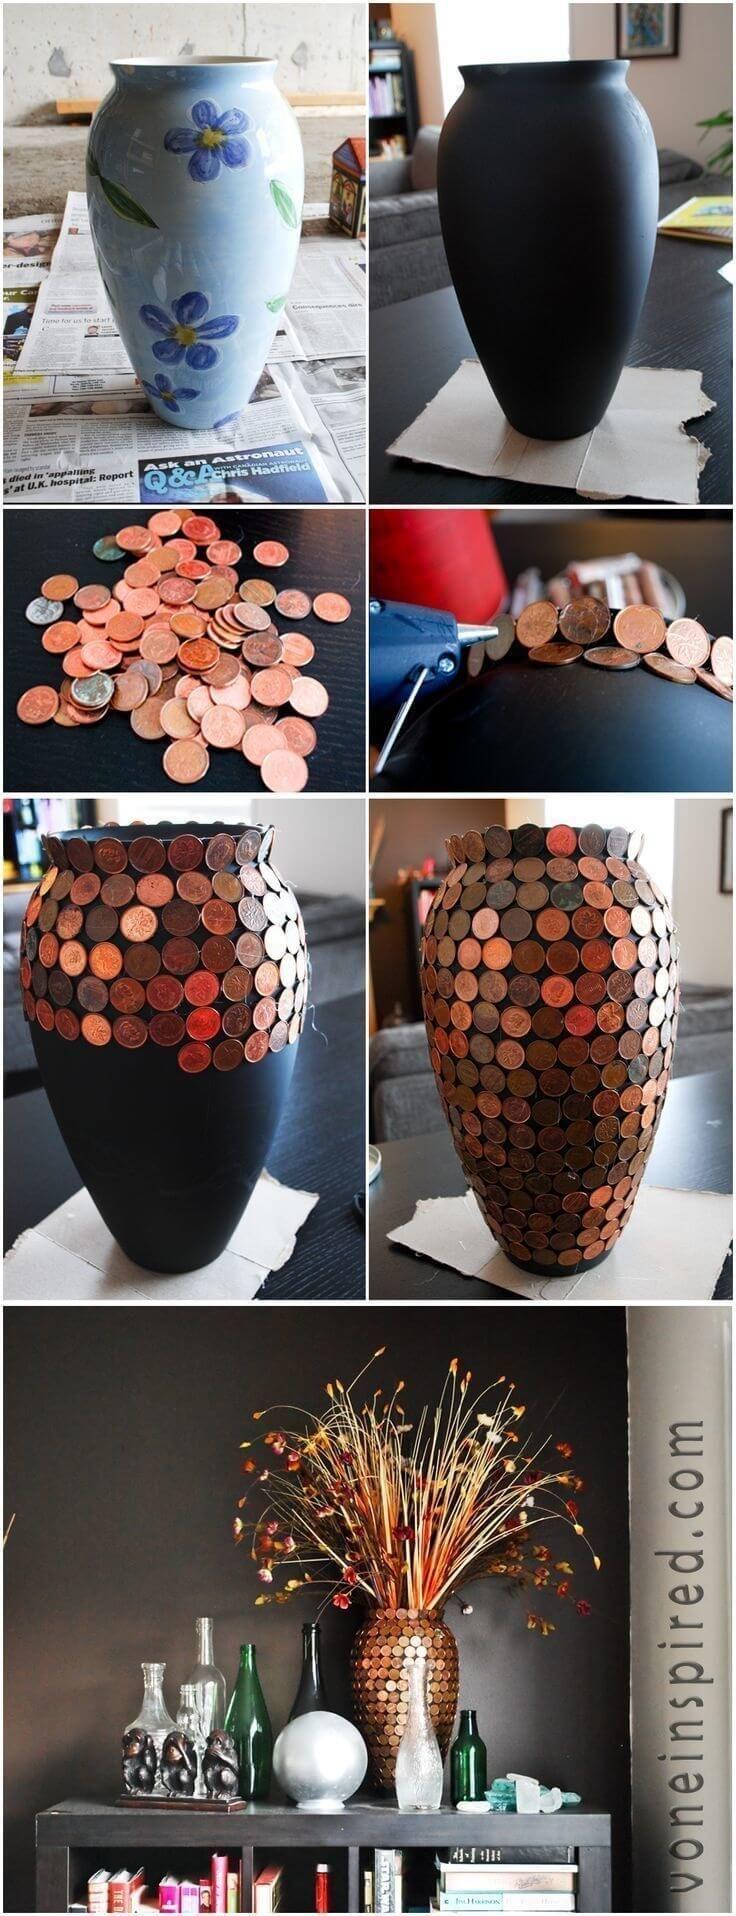 Diese verrückten DIY Projekte mit Euro Münzen sind sicherlich ...